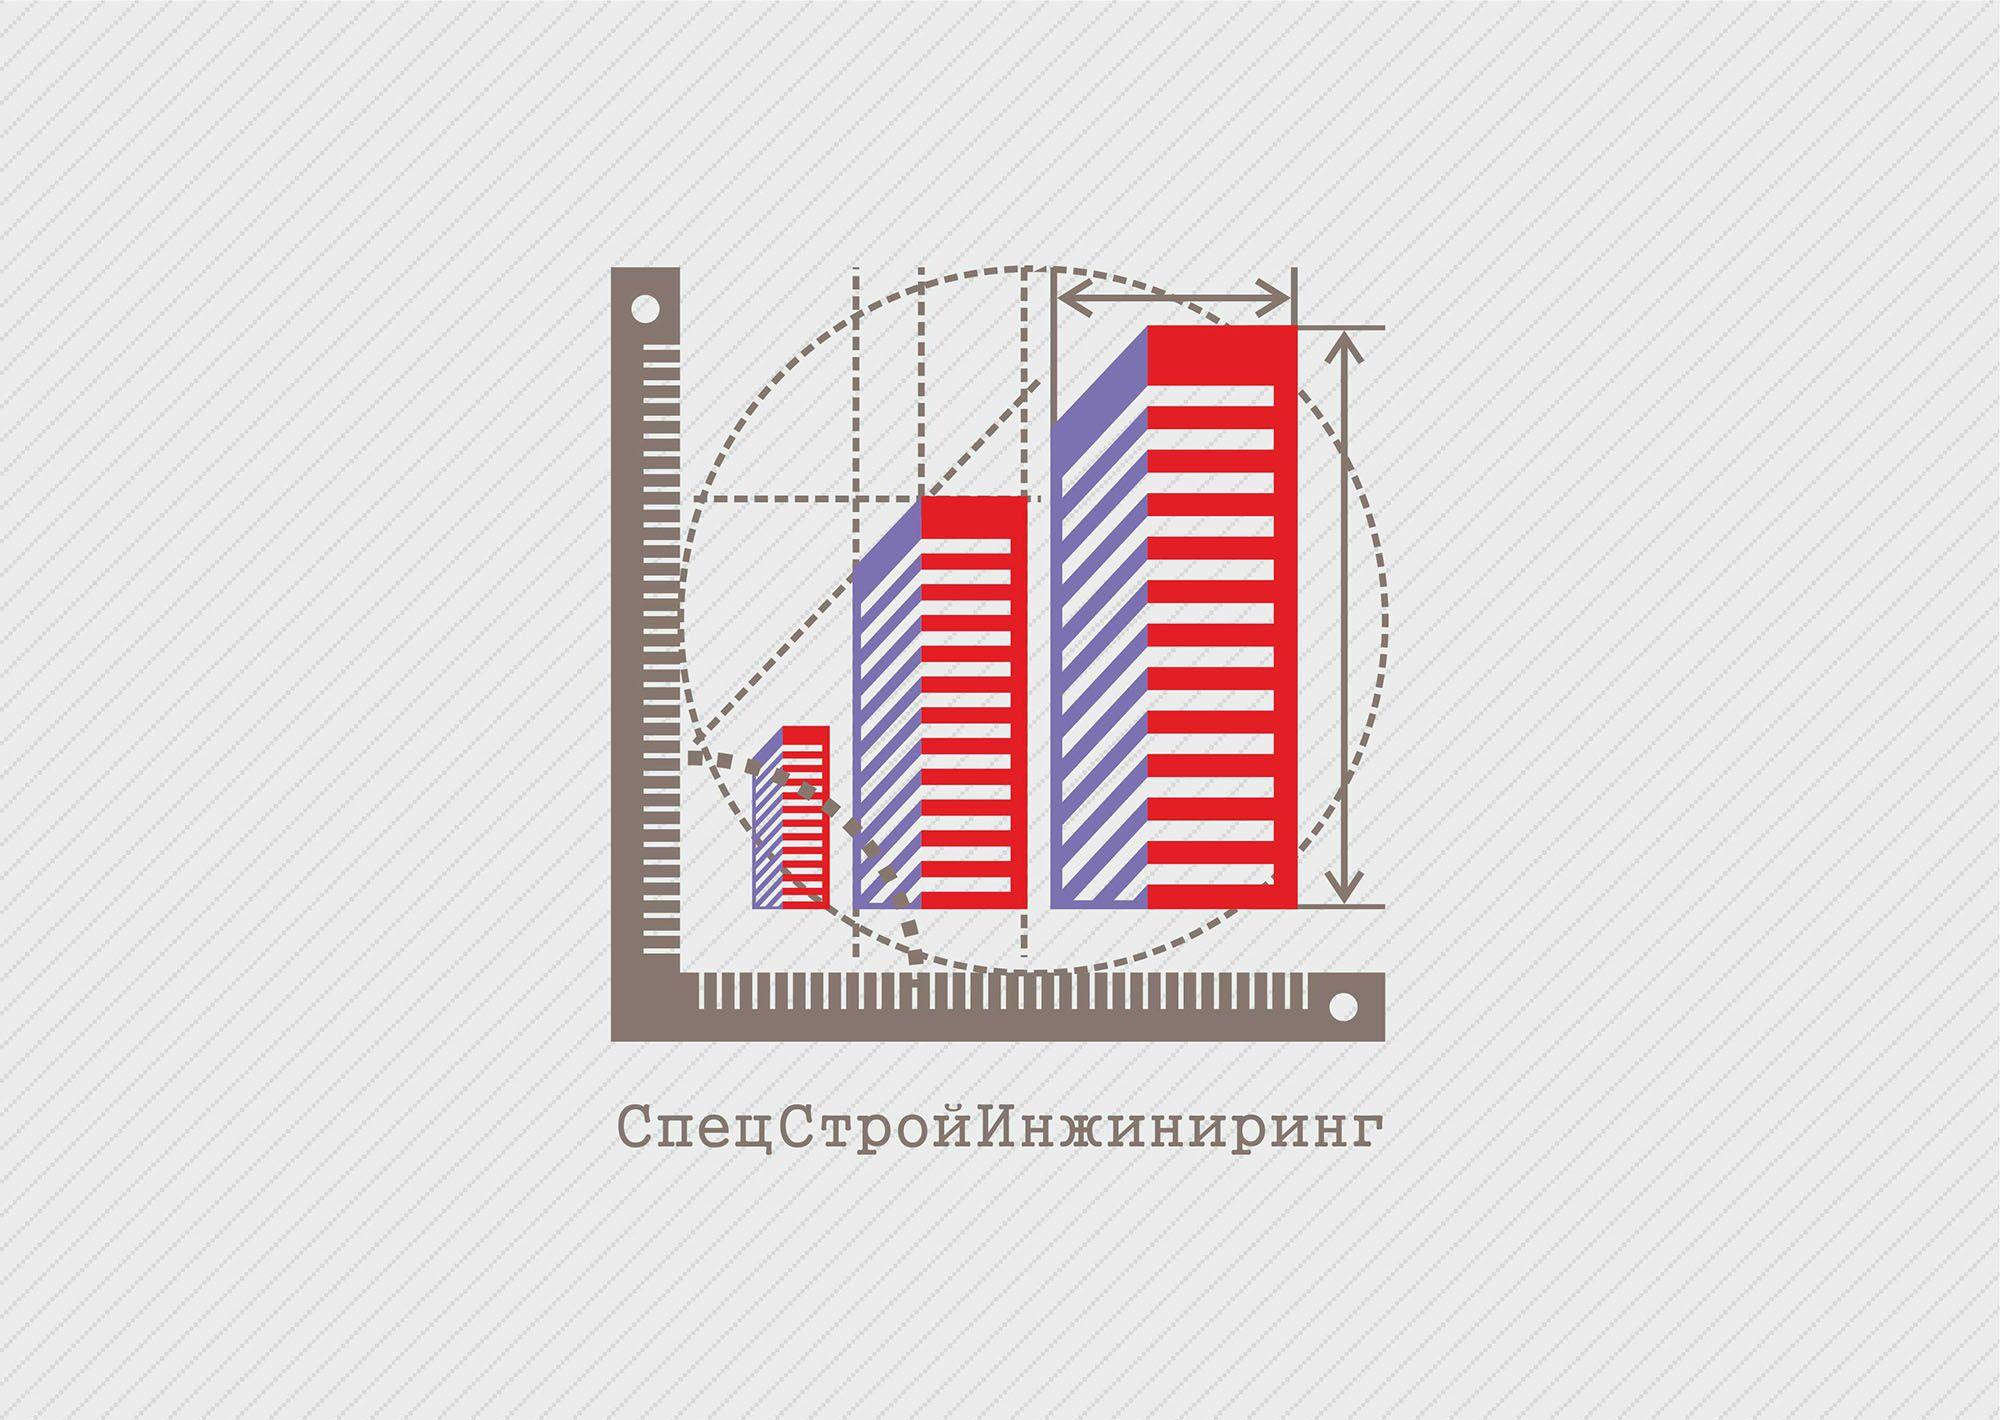 Логотип для строительной компании - дизайнер VadimNJet